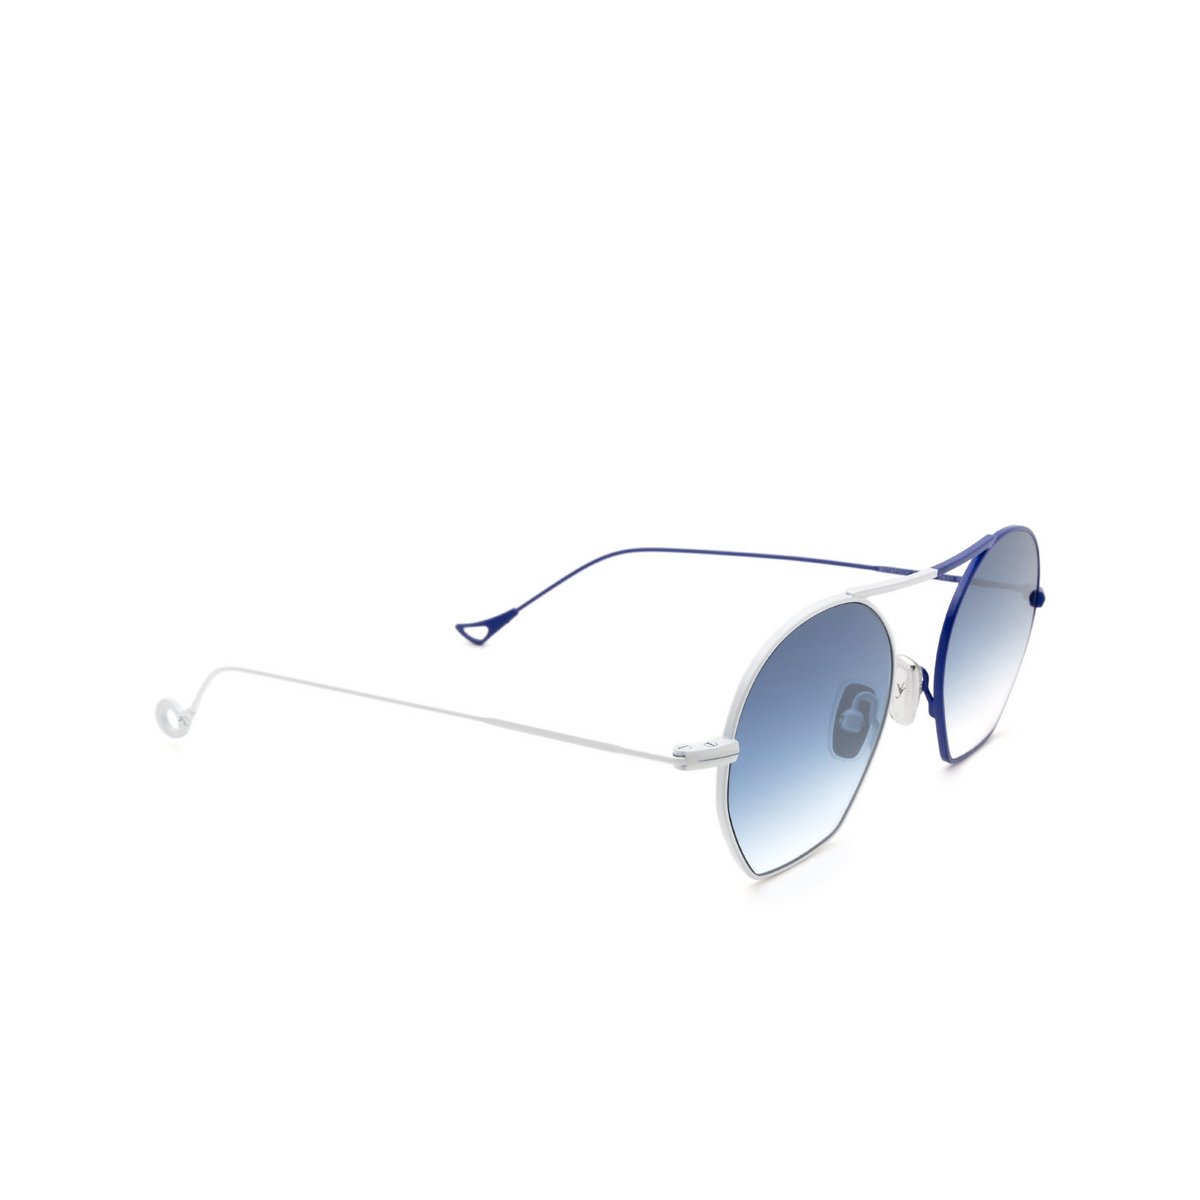 Eyepetizer® Irregular Sunglasses: Botafoch color White & Blue C.19-12F - three-quarters view.